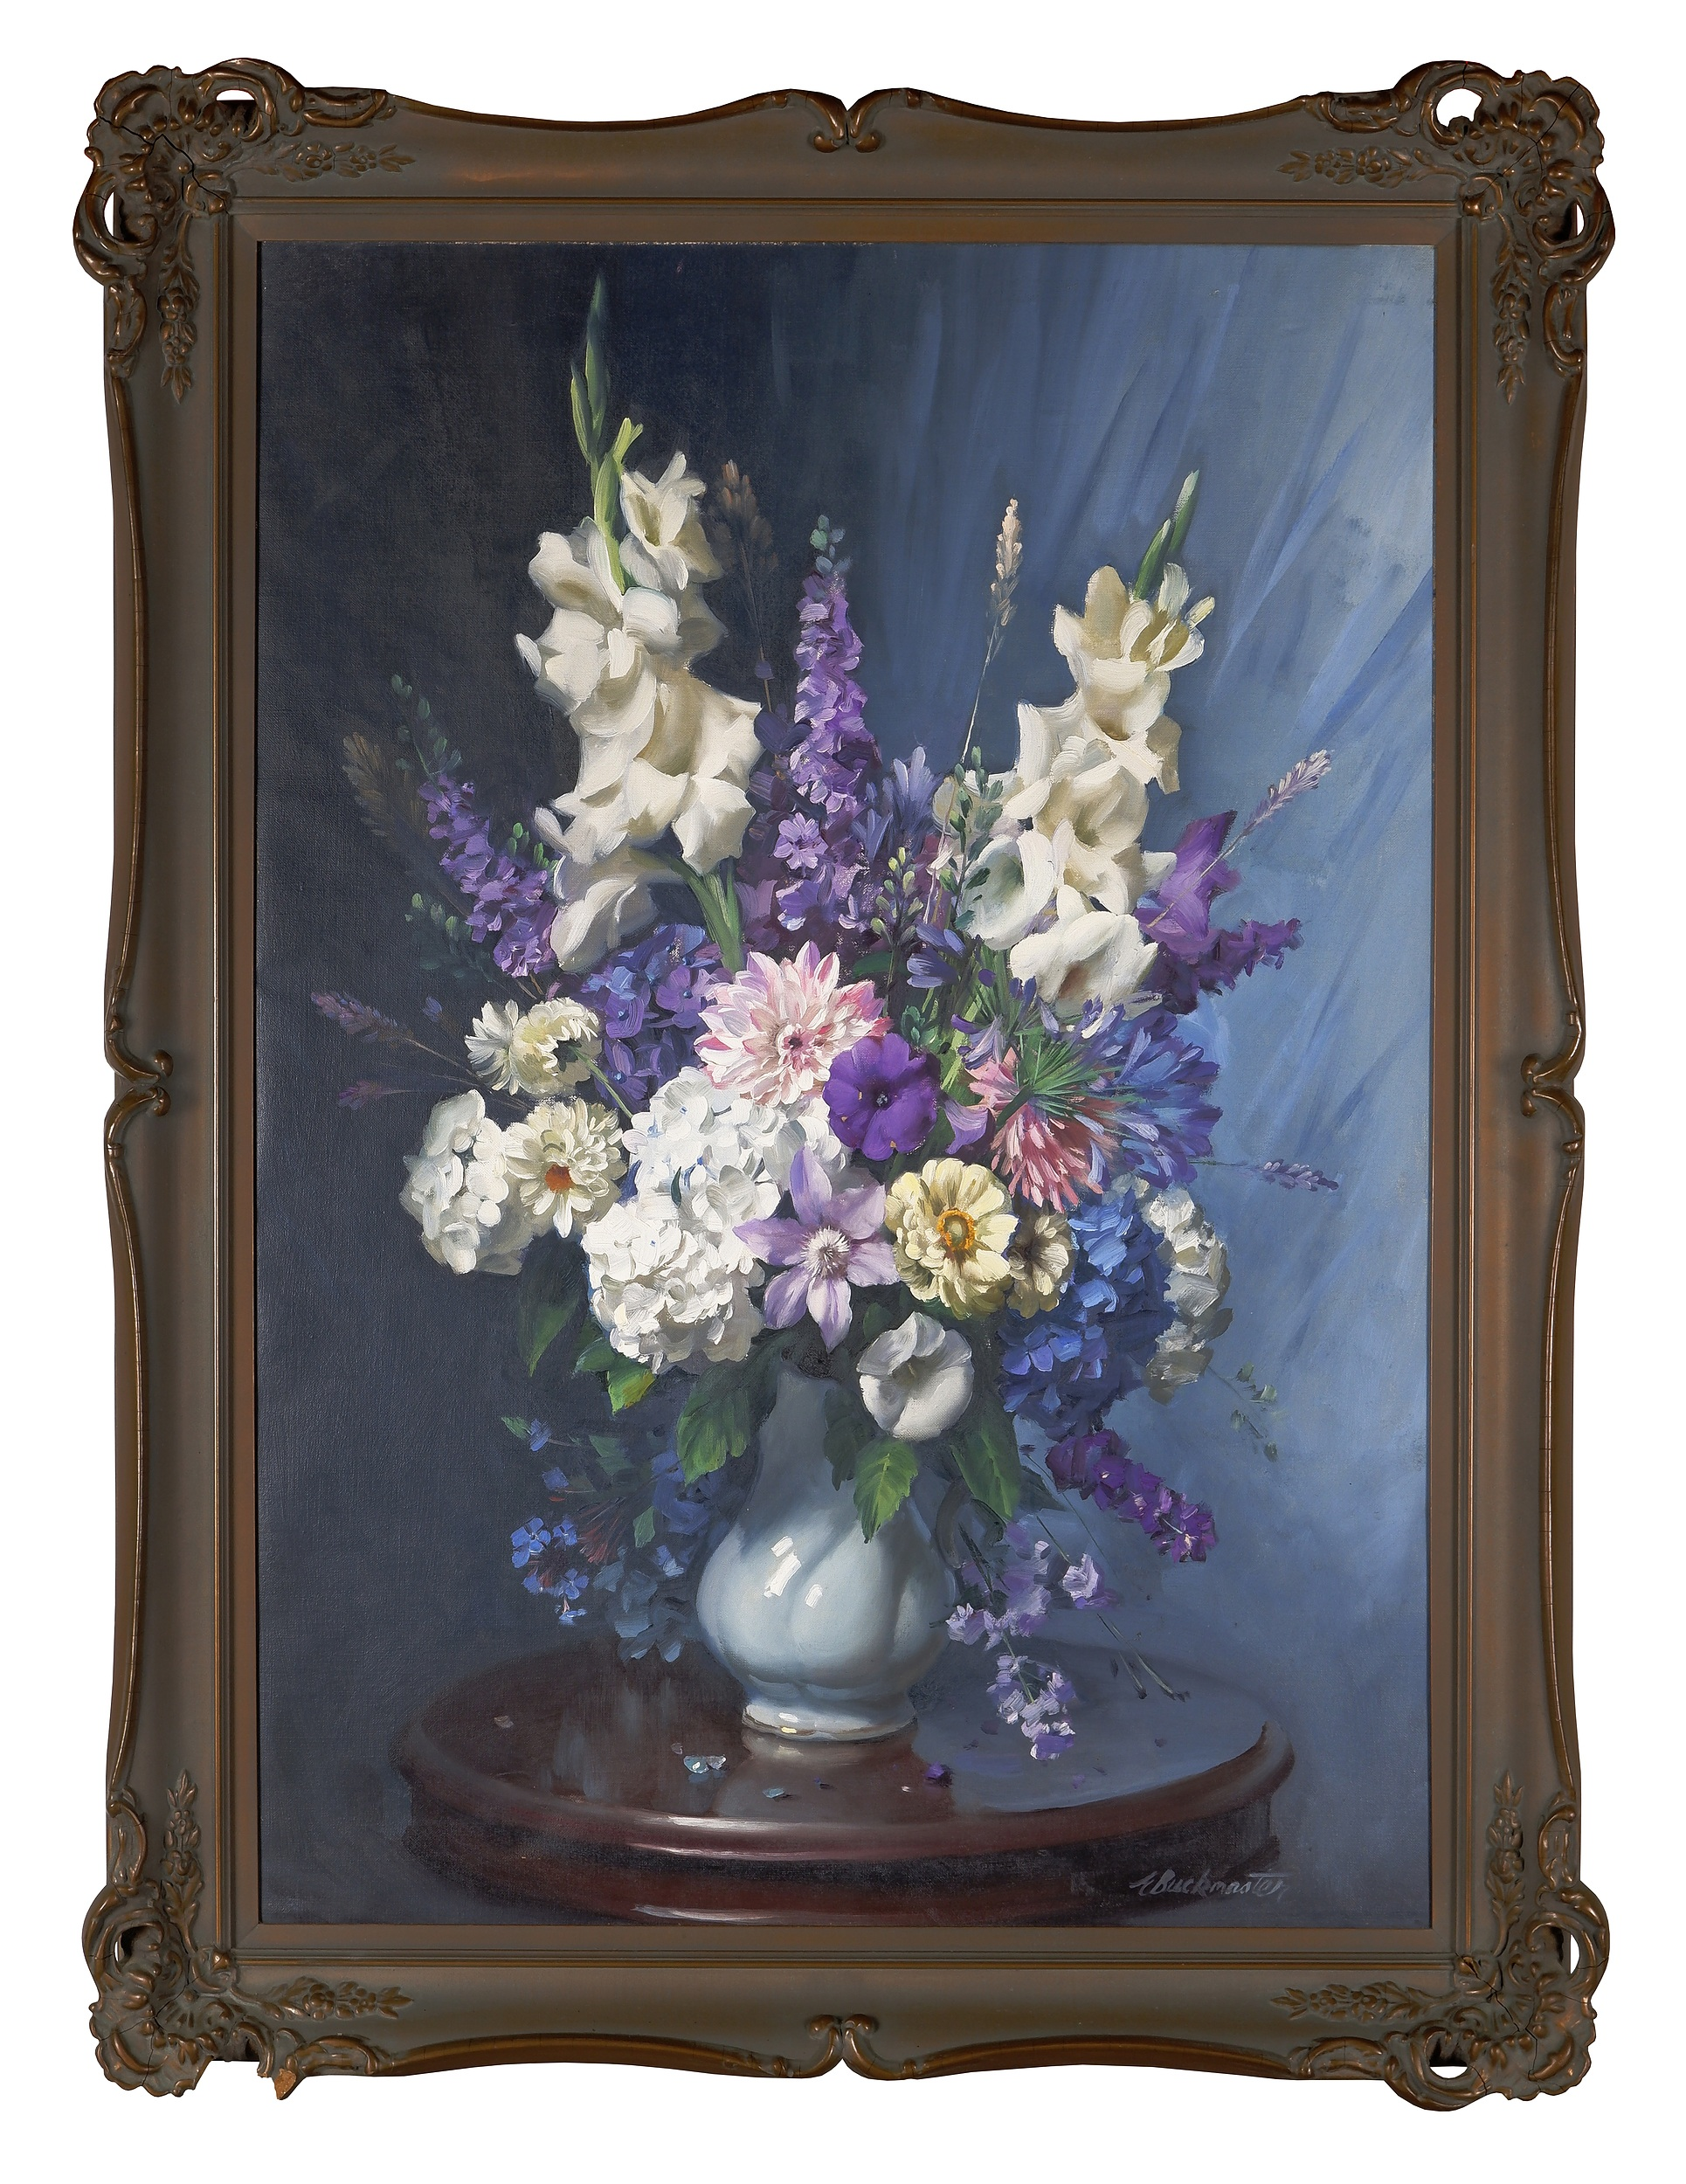 'Ernest Buckmaster (1897-1968), Flowerpiece, Oil on Canvas'